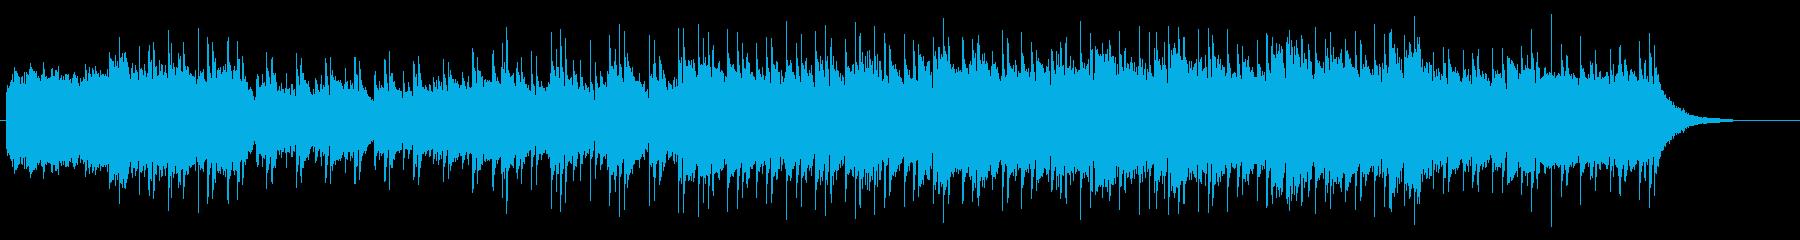 清清しいポップ・バラードの再生済みの波形